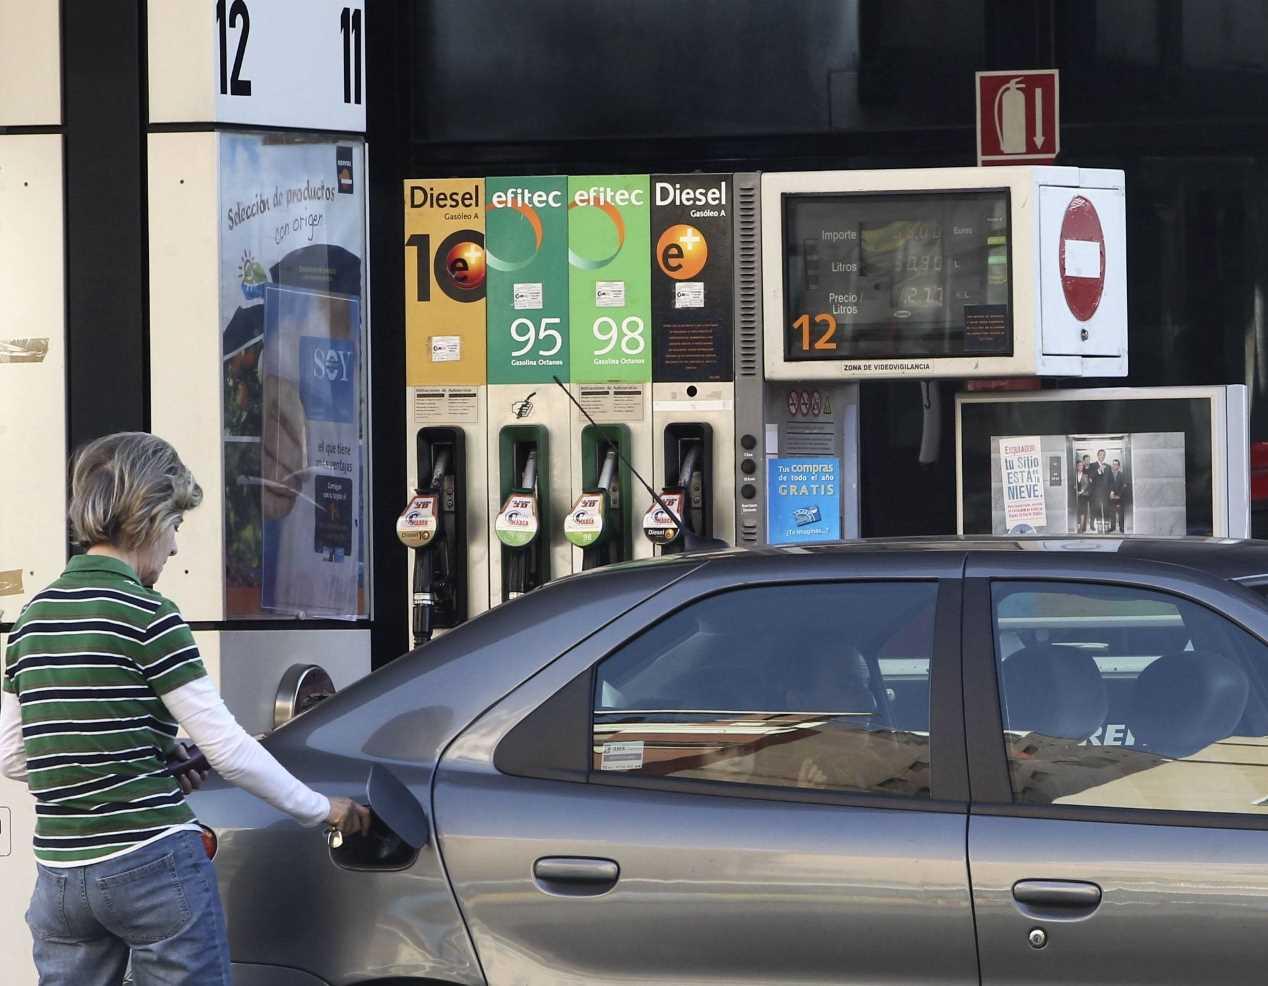 Ahorras combustible, muy sencillo con estos consejos